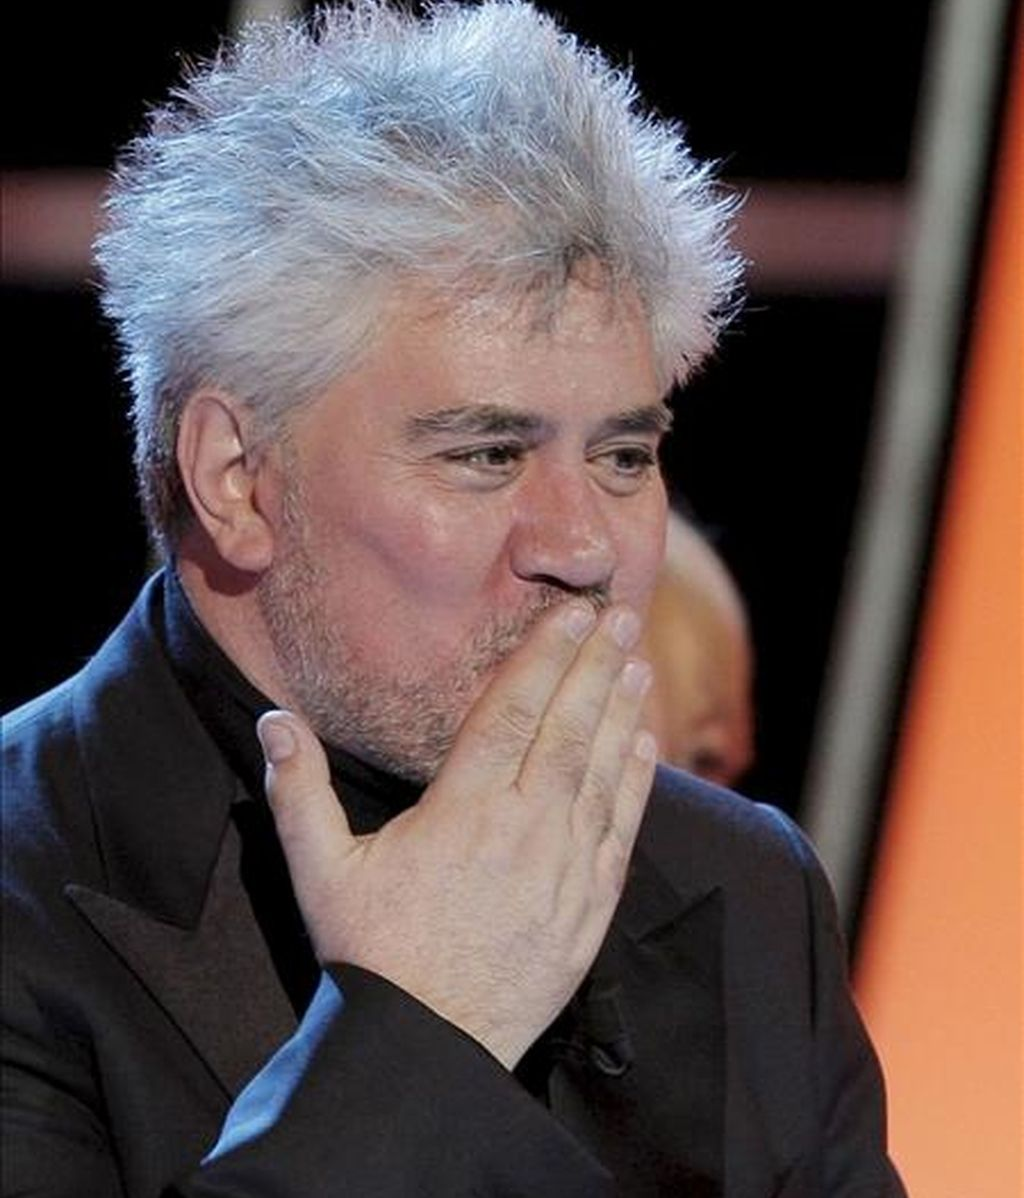 El director Pedro Almodóvar, durante la XXIIII edición de los Premios Goya. EFE